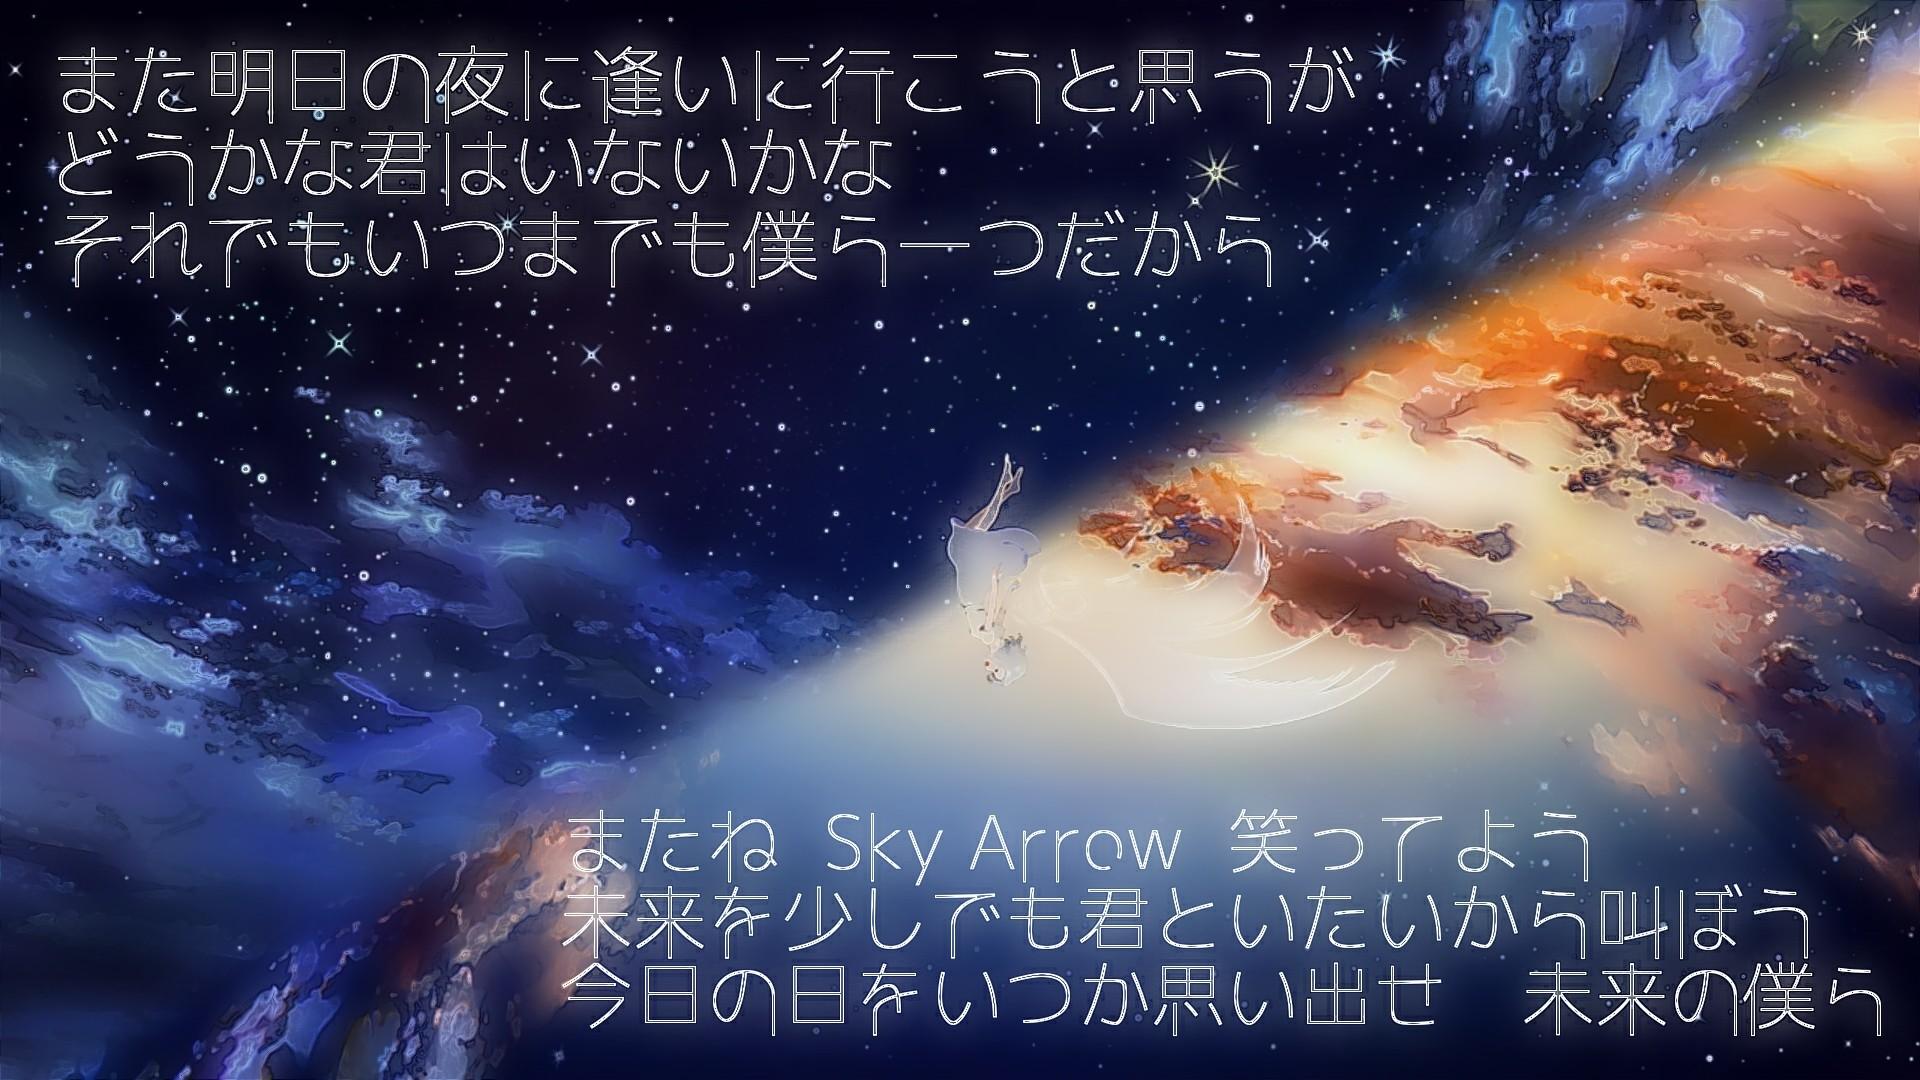 歌詞画 アスノヨゾラ哨戒班 Orangestar ボカロ Image By 結羅 ありがとうございました